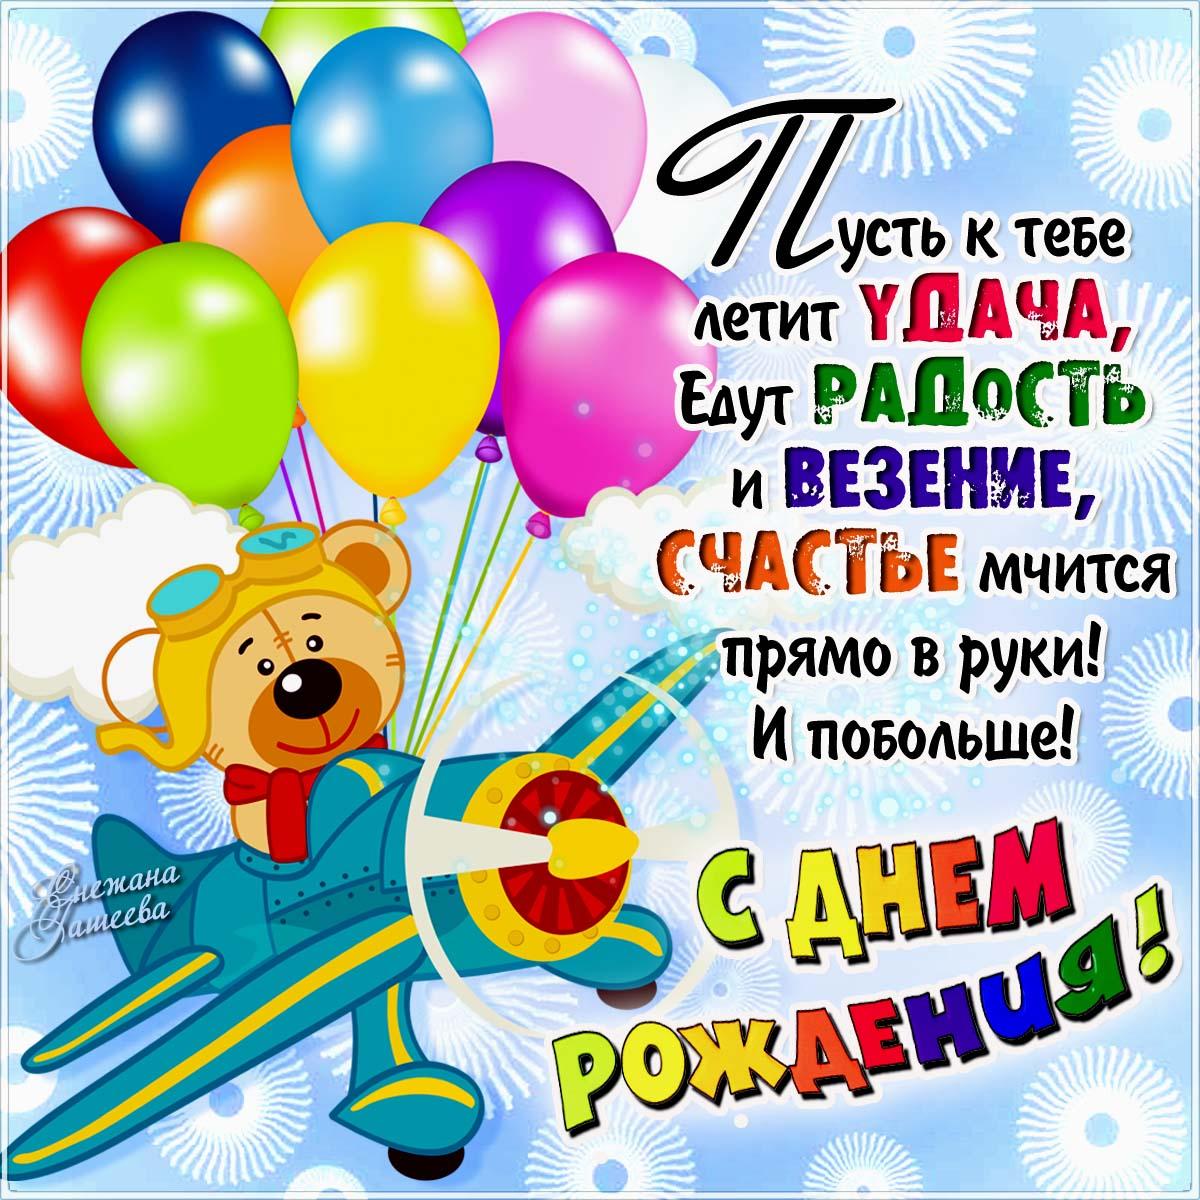 Классное поздравление мальчику с днем рождения